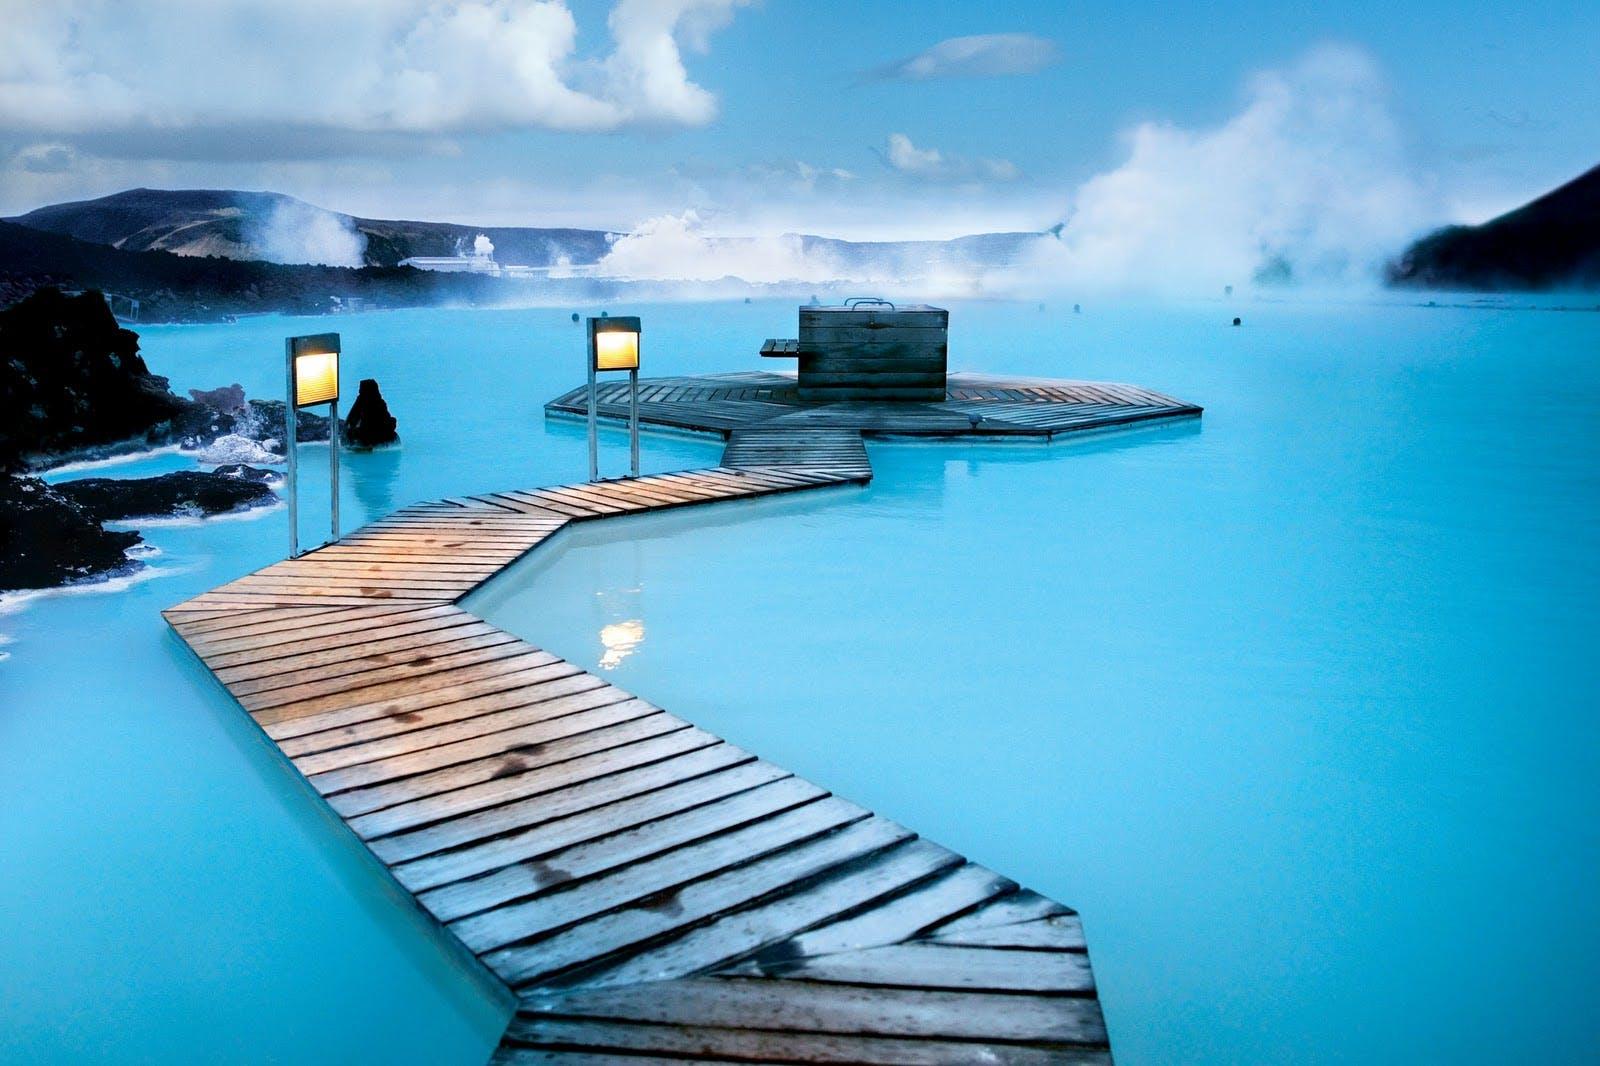 Commencez votre aventure en Islande avec un bain relaxant dans le spa géothermal Blue Lagoon.